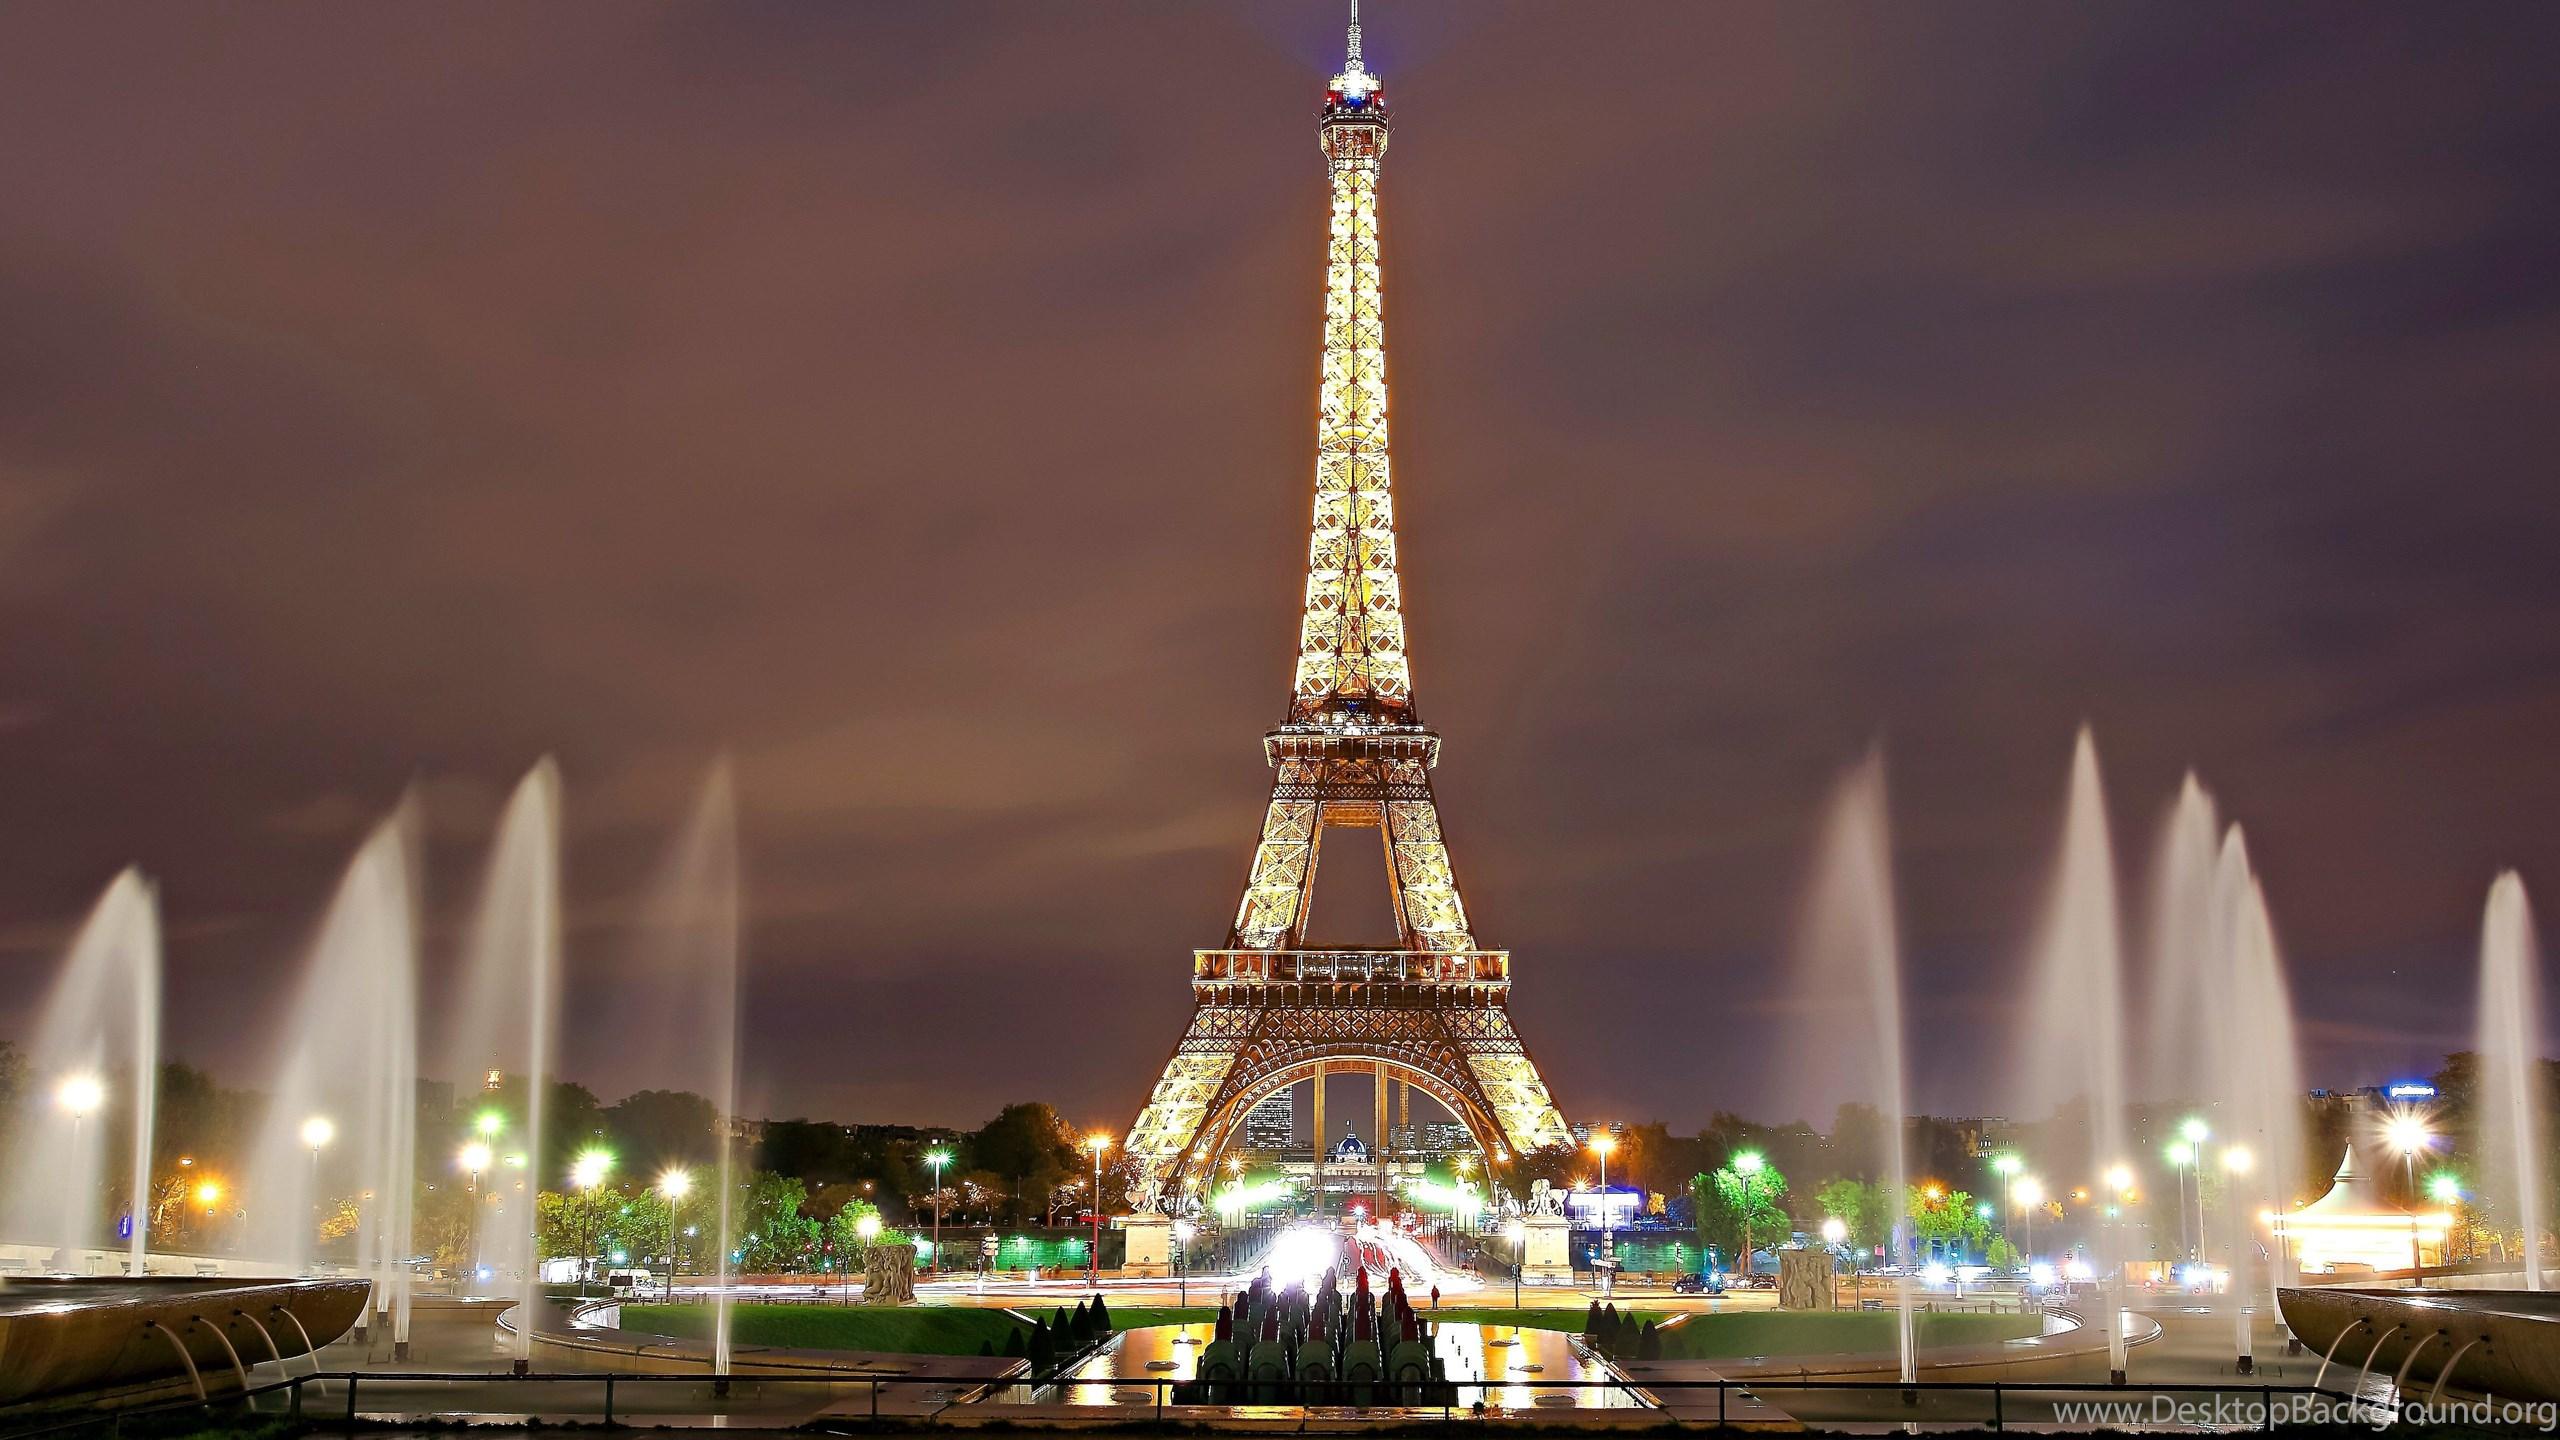 Architecture Paris Eiffel Tower Desktop Wallpapers For Hd 16 9 Desktop Background